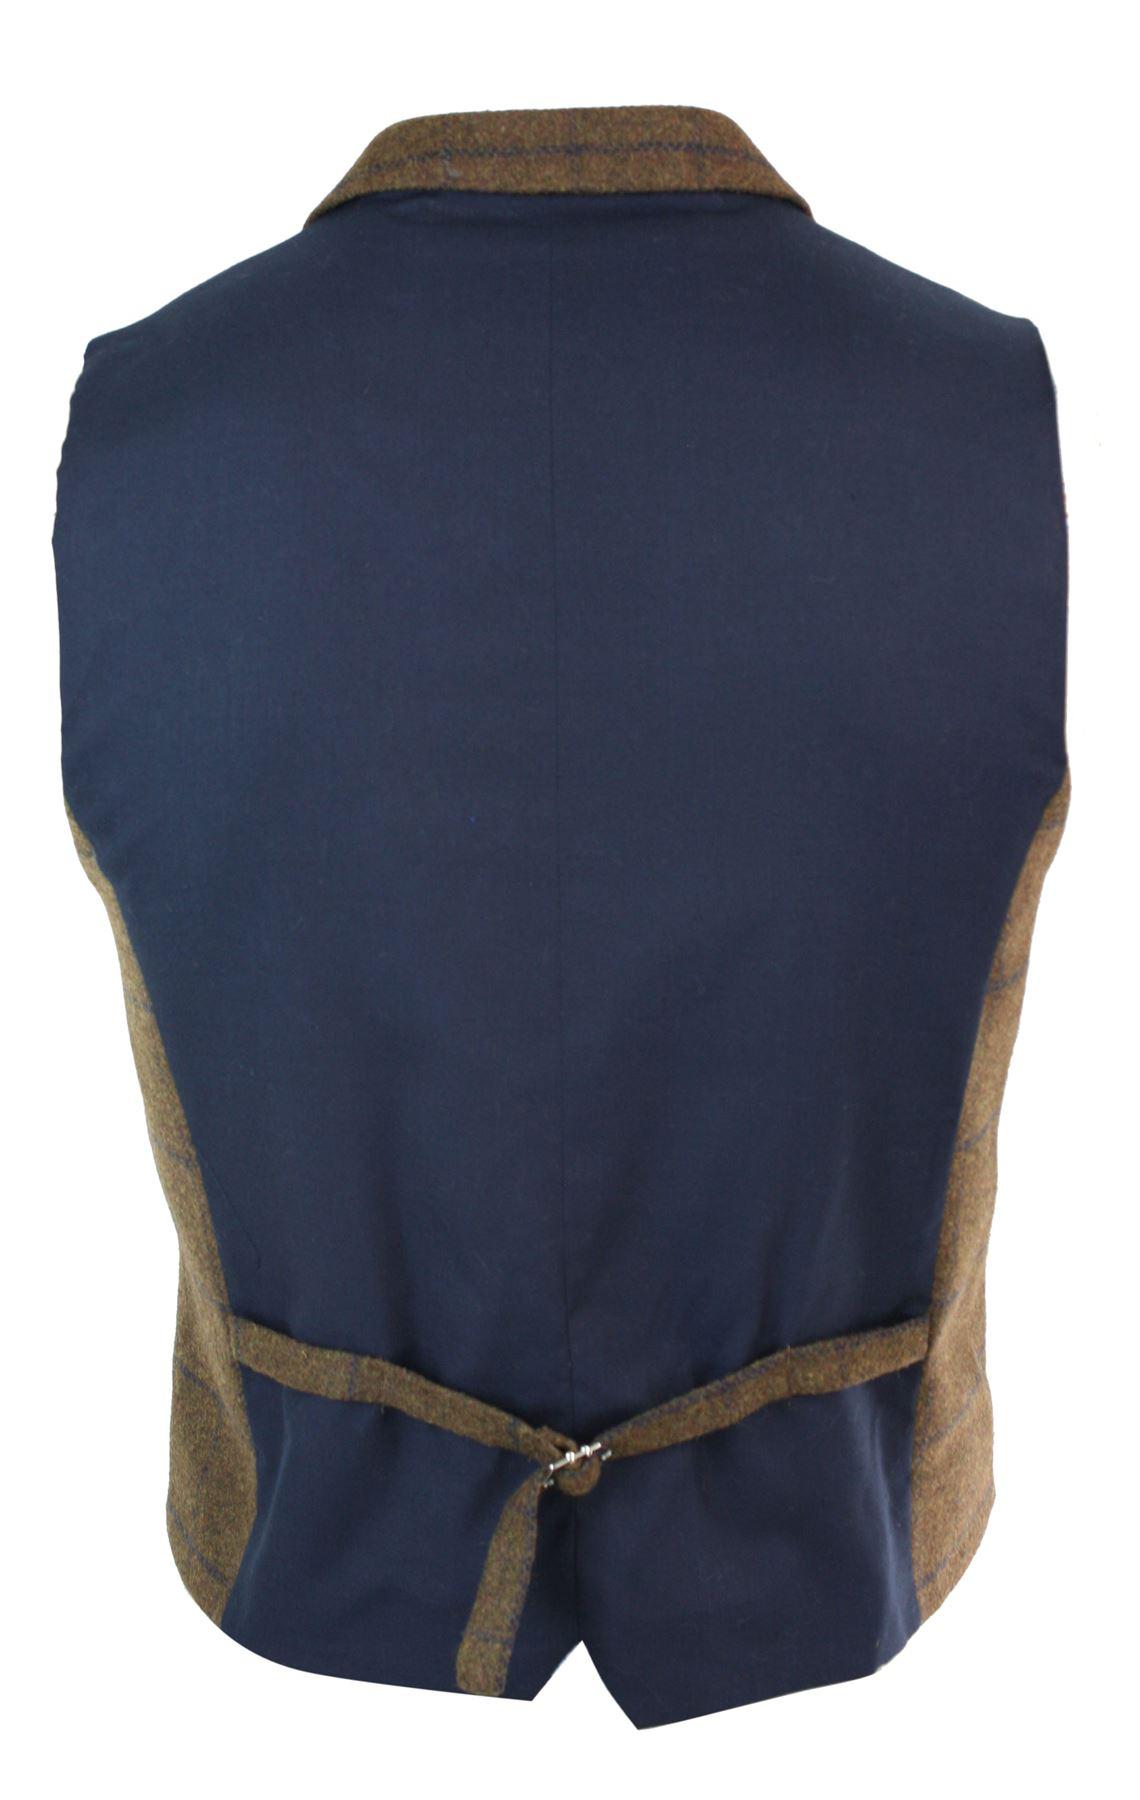 Mens-Double-Breasted-Herringbone-Tweed-Peaky-Blinders-Vintage-Check-Waistcoat miniatuur 22